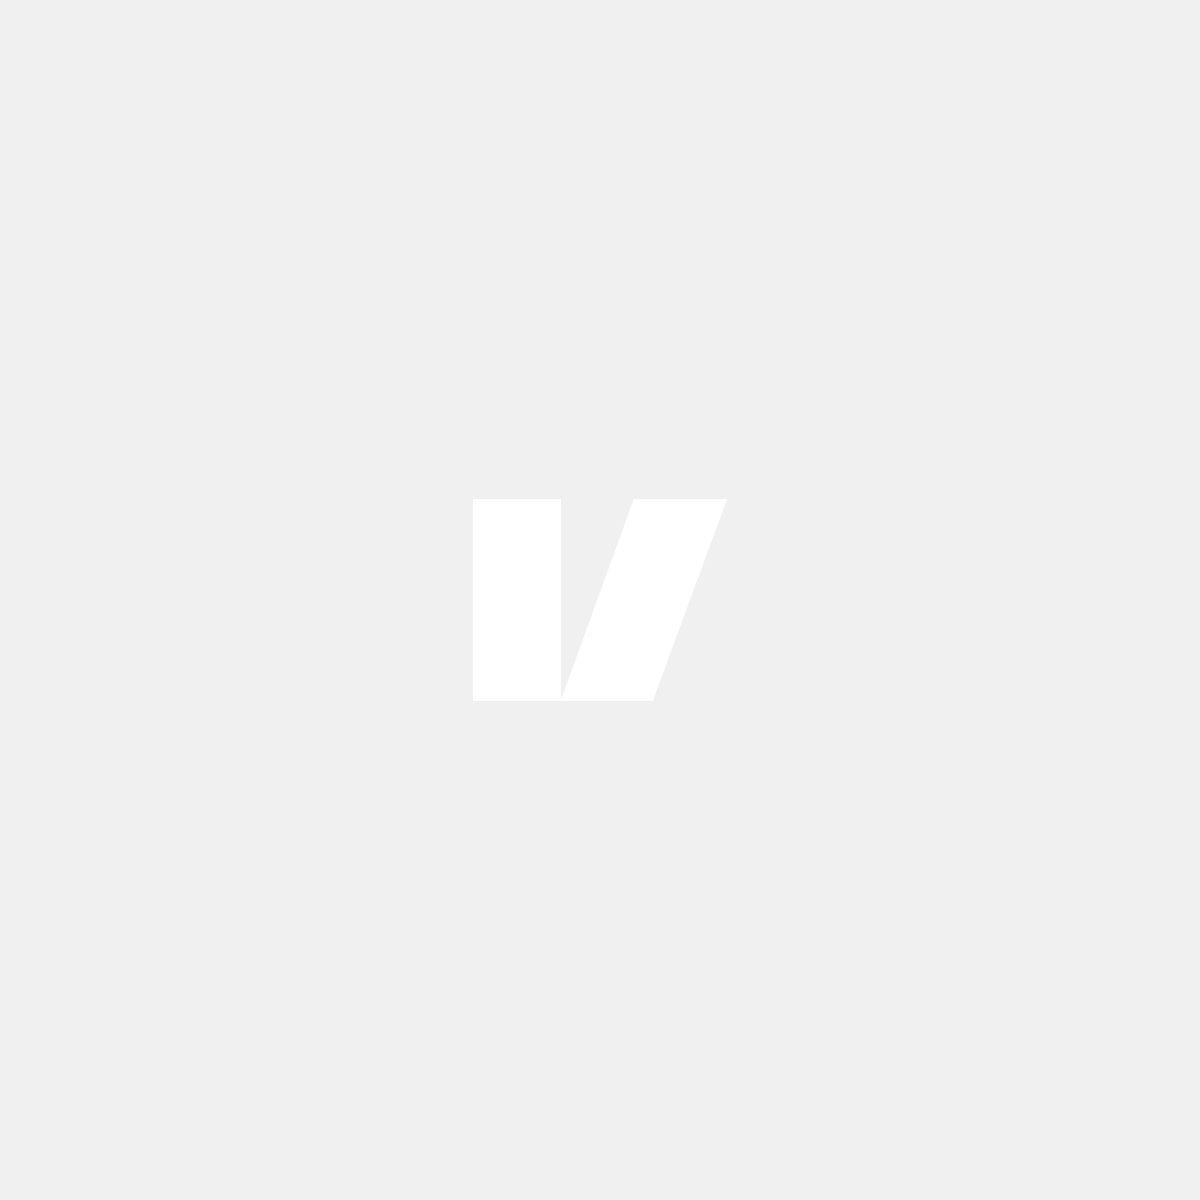 H&R sänkningsfjädersats 30mm, till Volvo 850, S70, C70